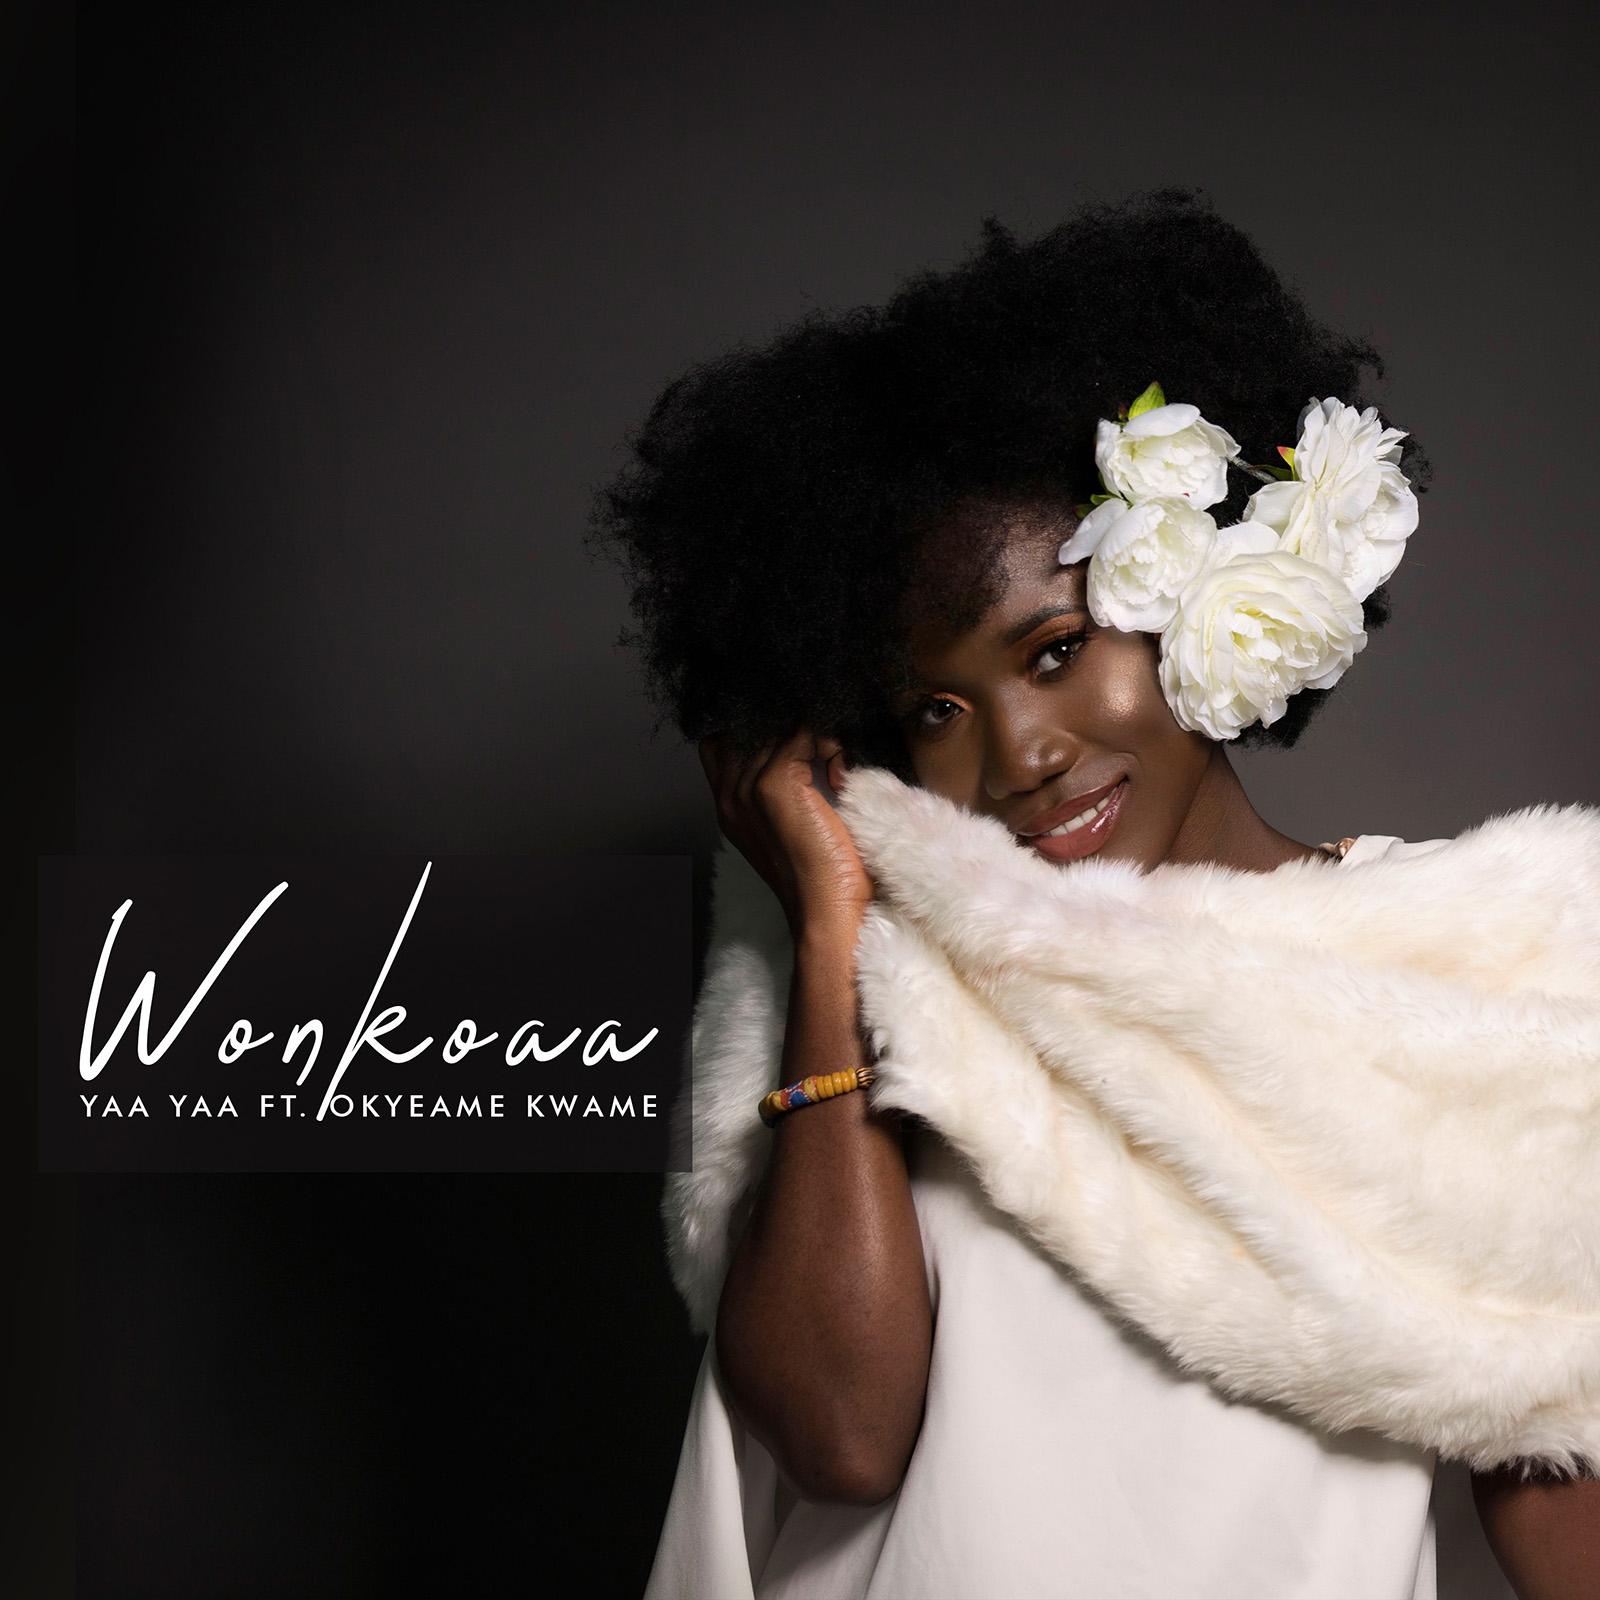 Wonkoaa by Yaa Yaa feat. Okyeame Kwame